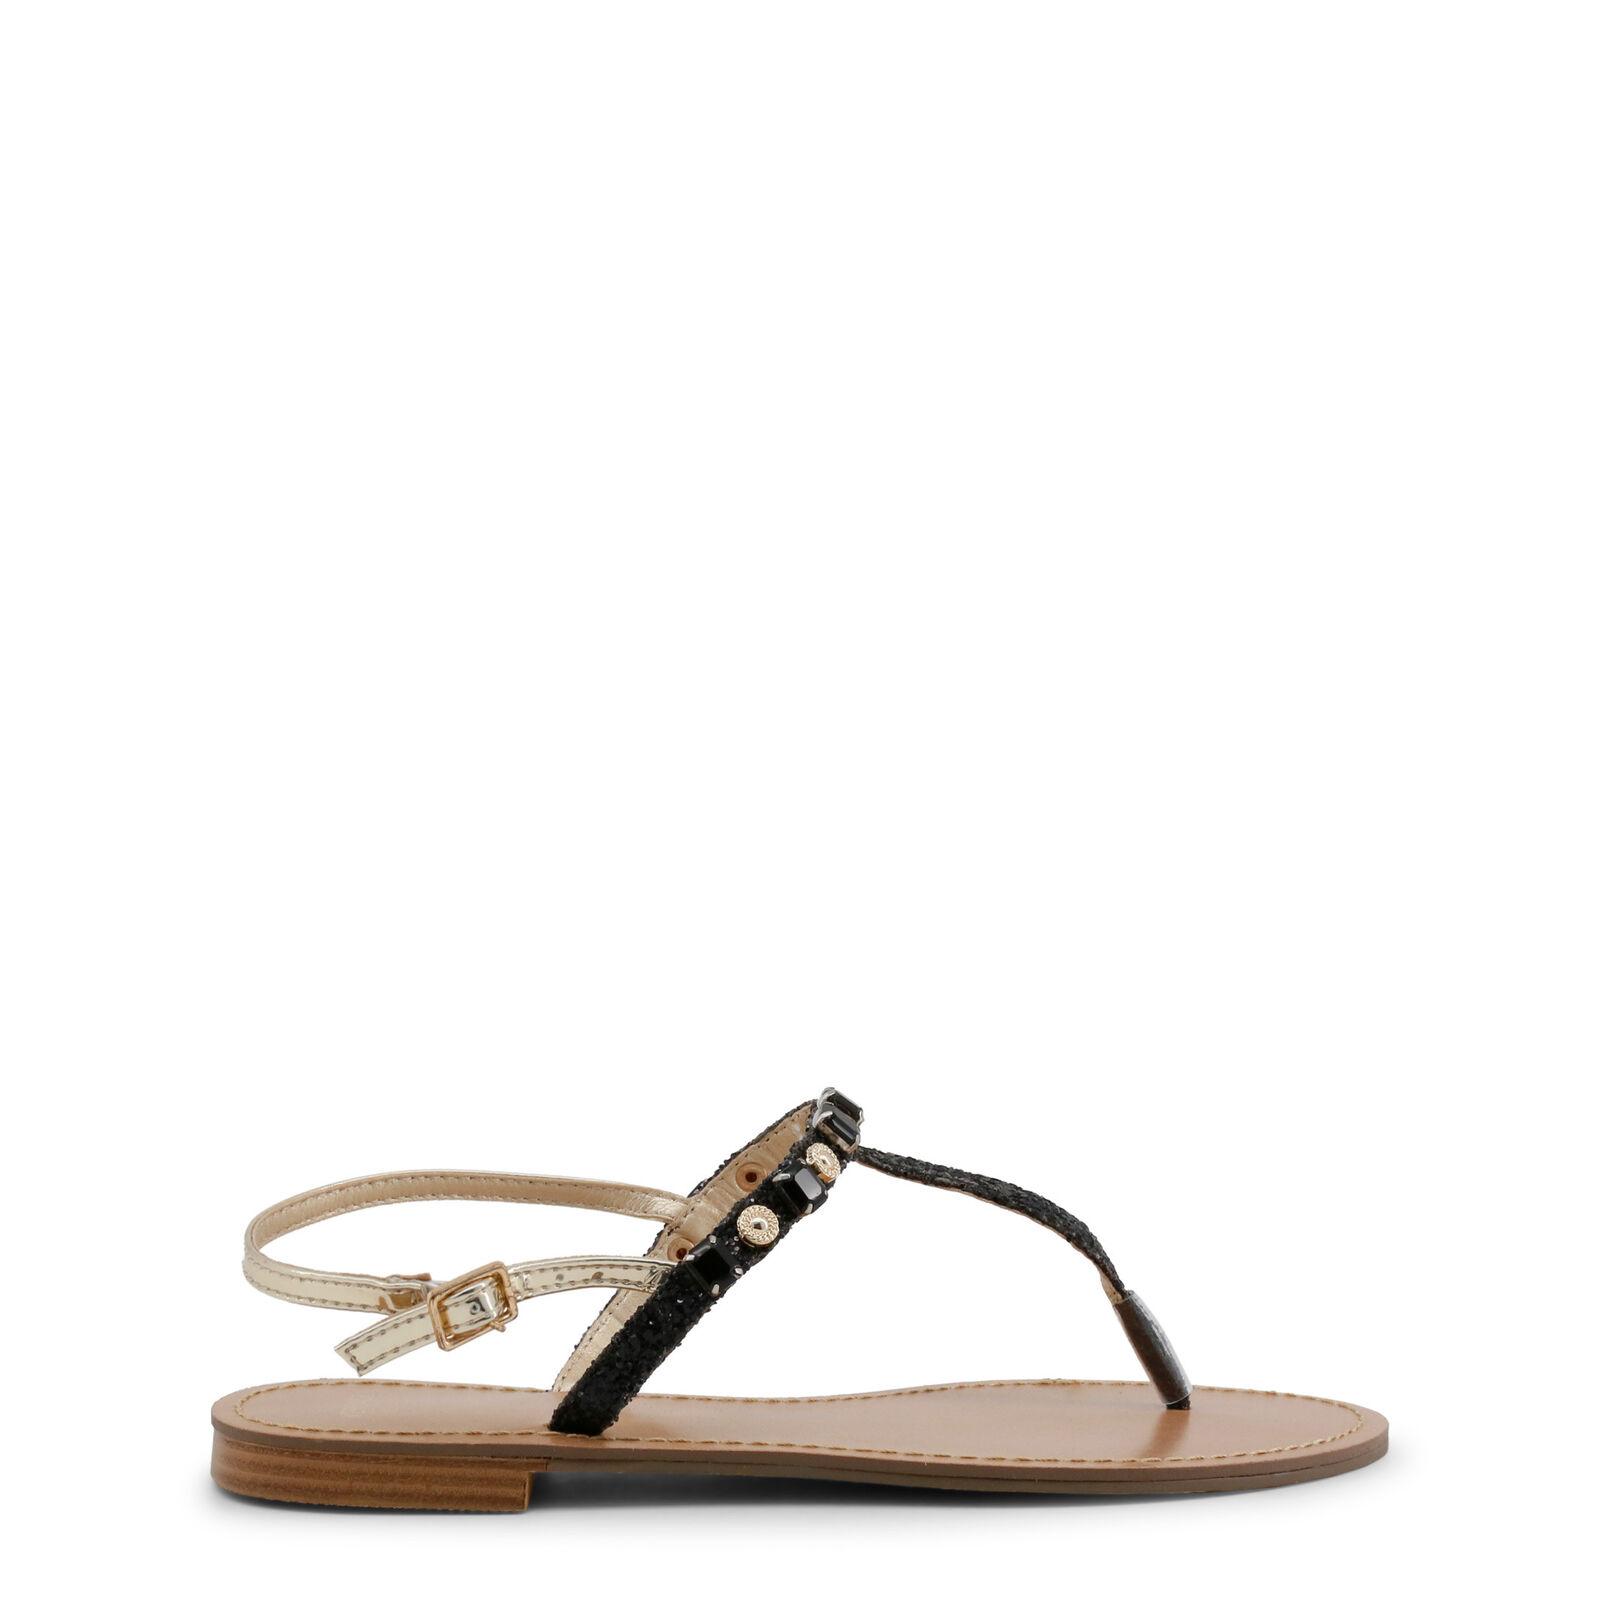 Sandali Versace Donna Rtrqb Infradito K5ut1c3lfj Jeans Sandalo Scarpe c3TlFKJ1